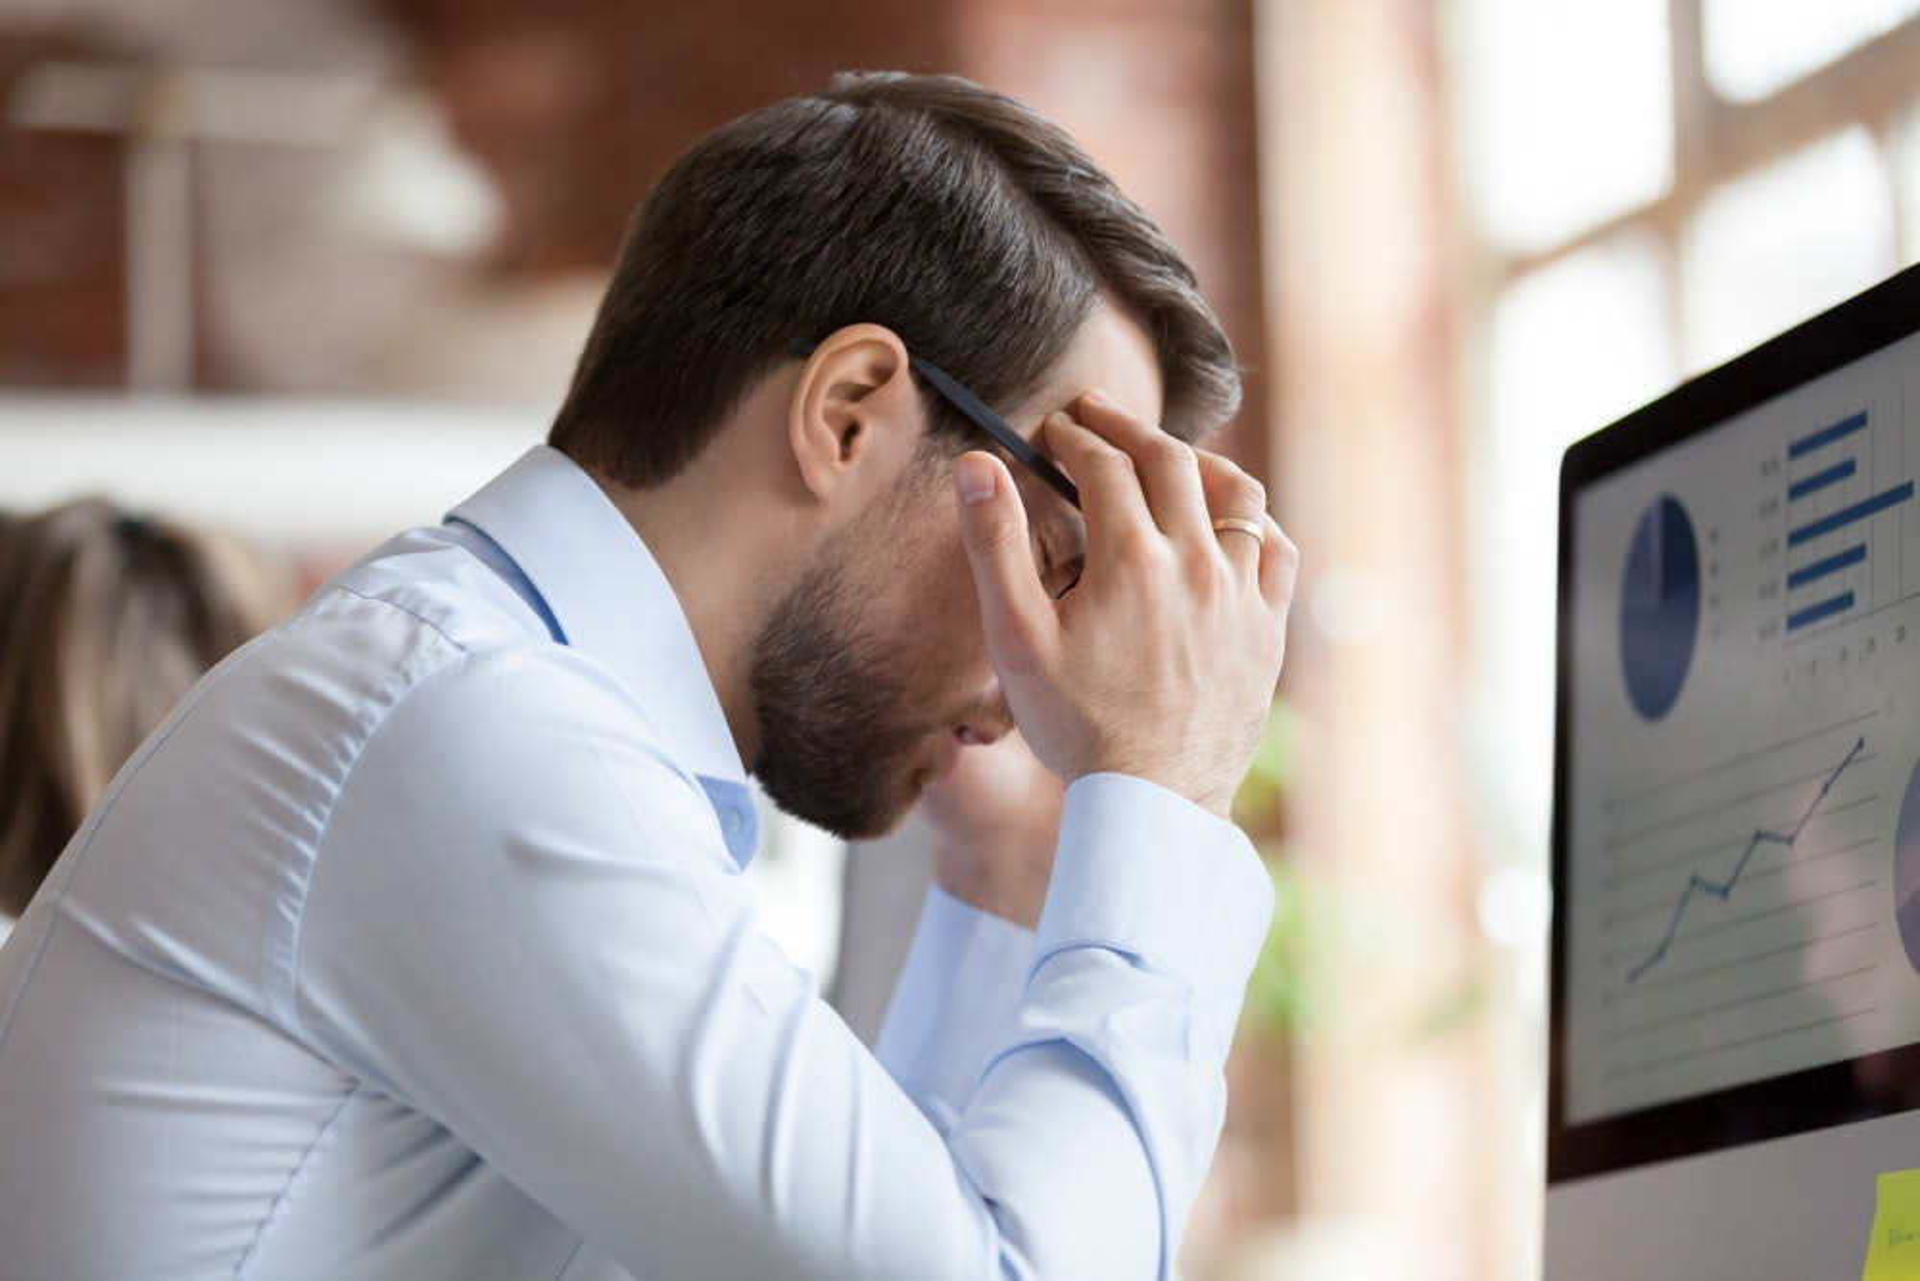 Fatigué·e au travail ? Arrêtez de vous maîtriser en permanence !